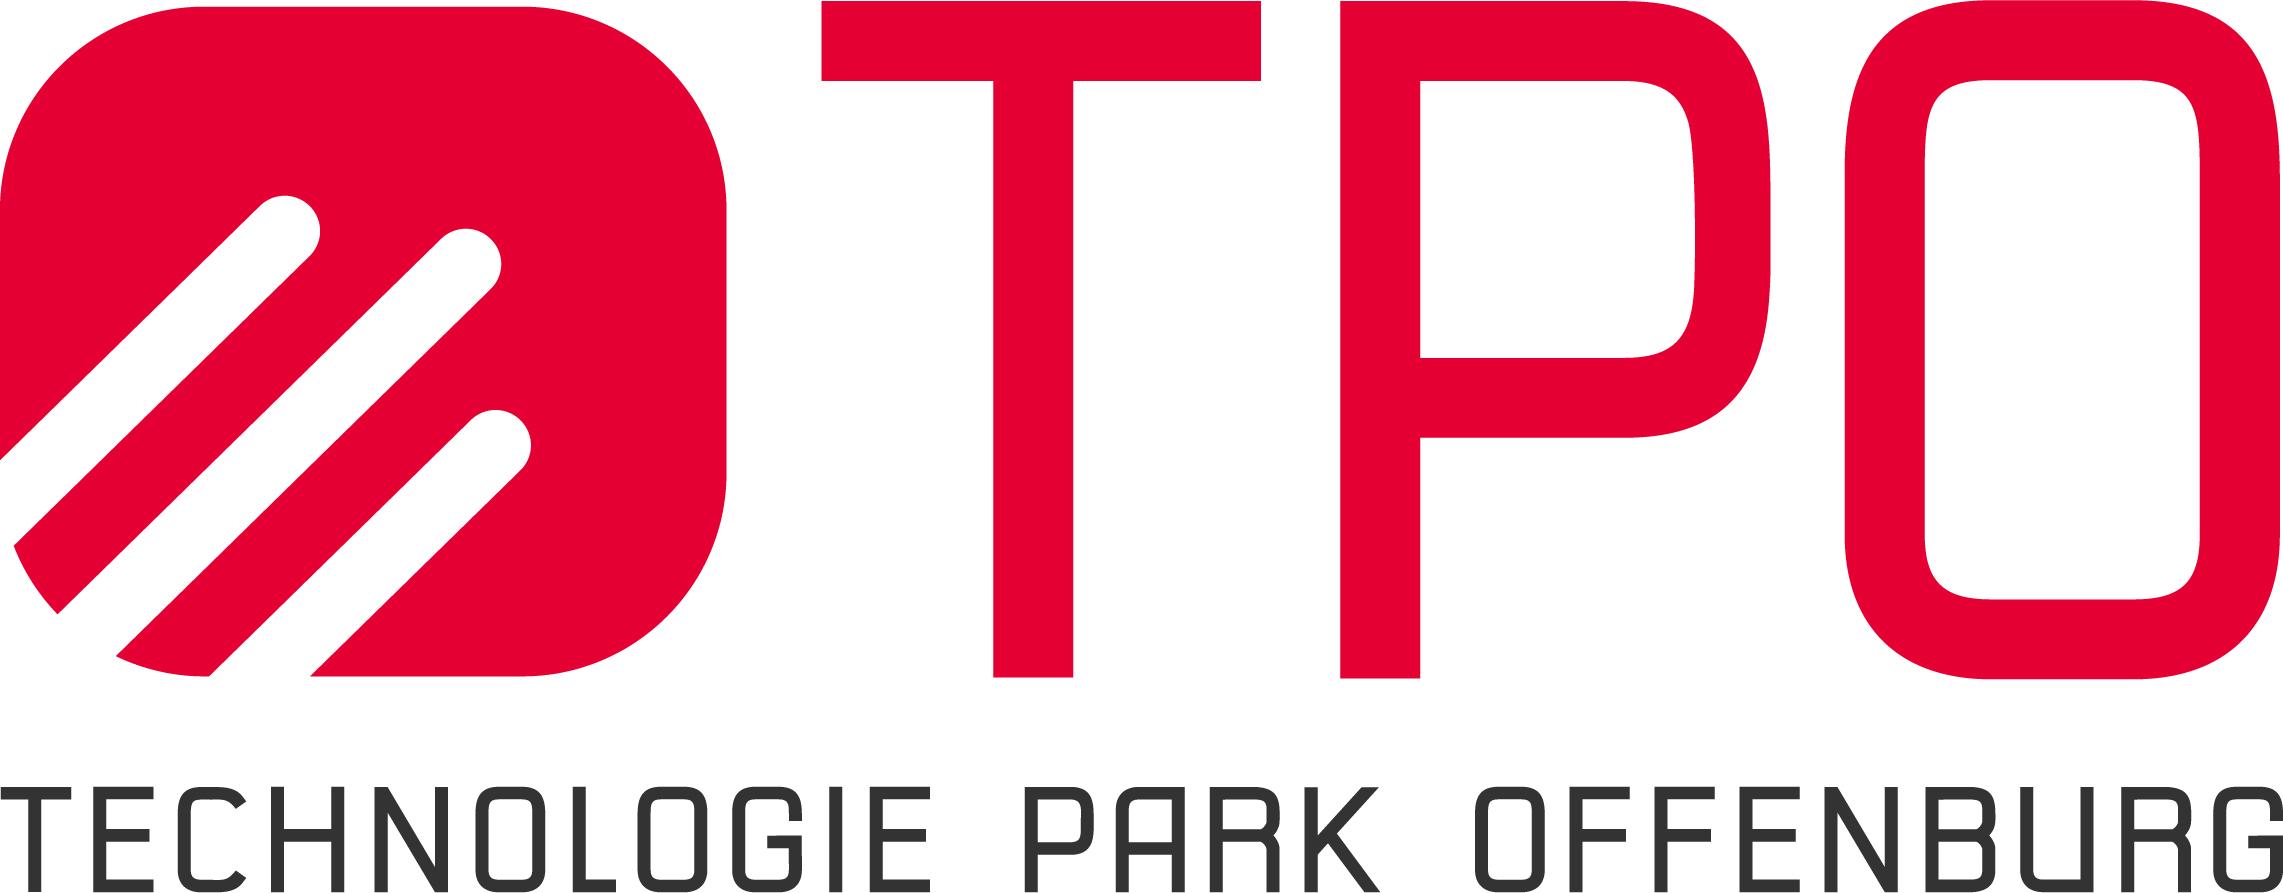 TPO_Logo_cmyk_300dpi.jpg